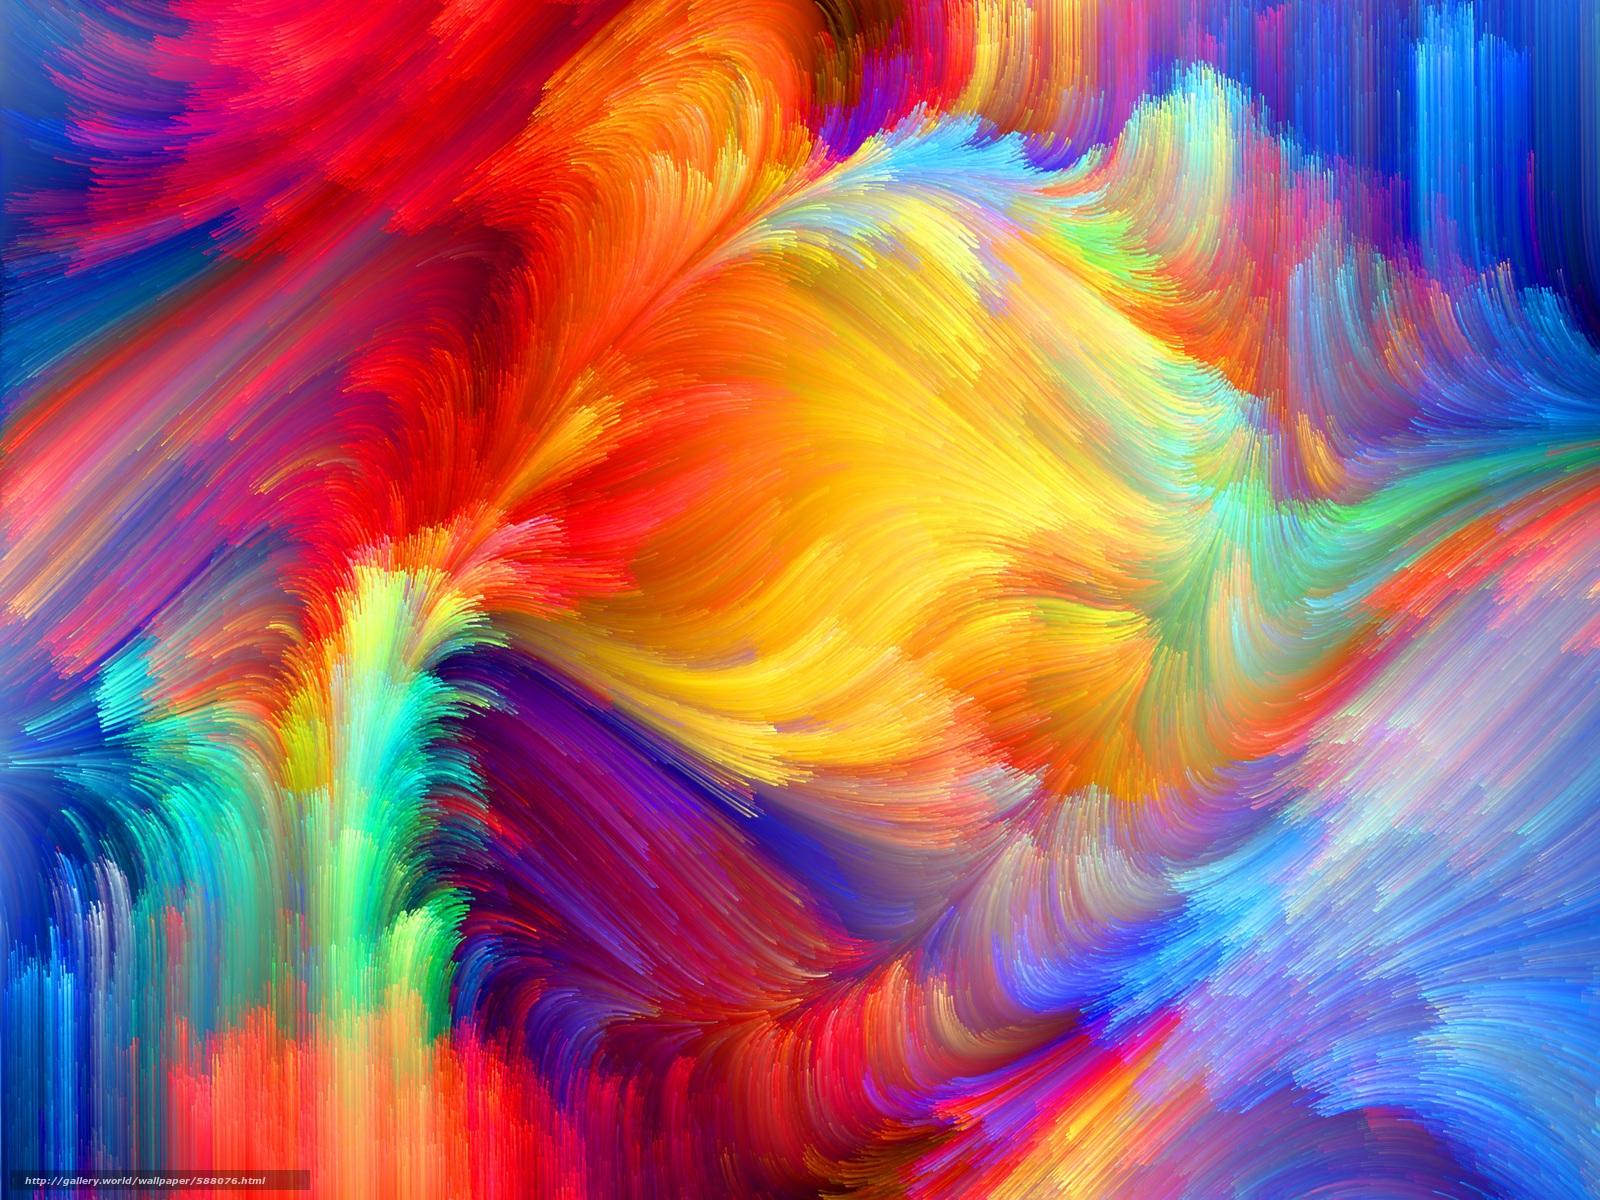 Download Hintergrund Stelle, Volumen, Muster, Farben Freie desktop ...